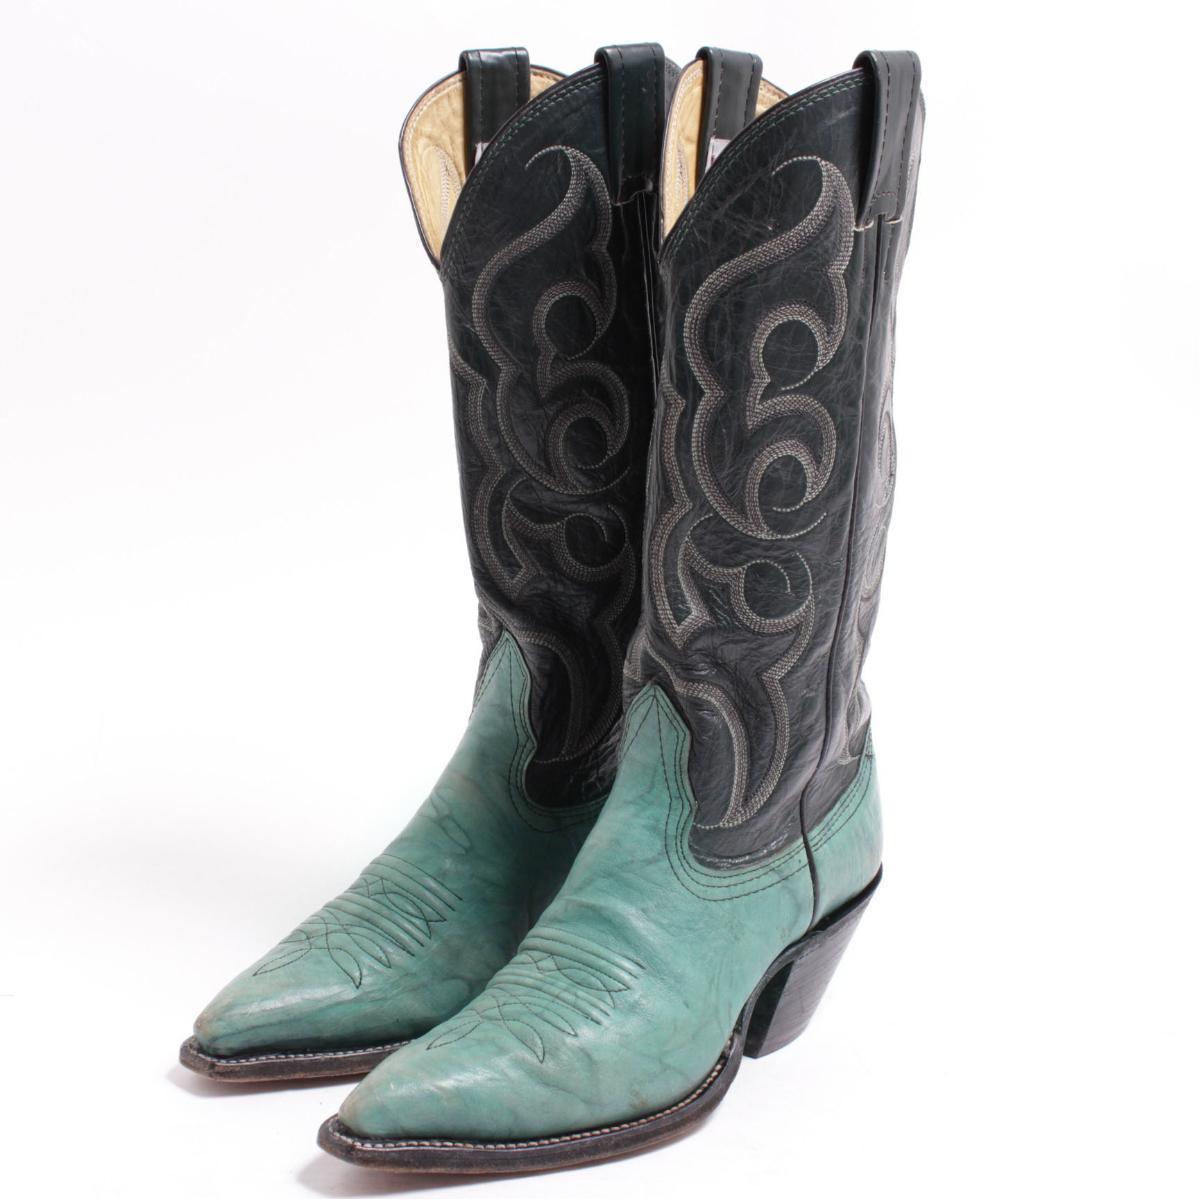 ノコナブーツ Nocona Boots ウエスタンブーツ 5D レディース22.0cm /bom2745 【中古】【古着屋JAM】【古着屋JAM】 【180213】